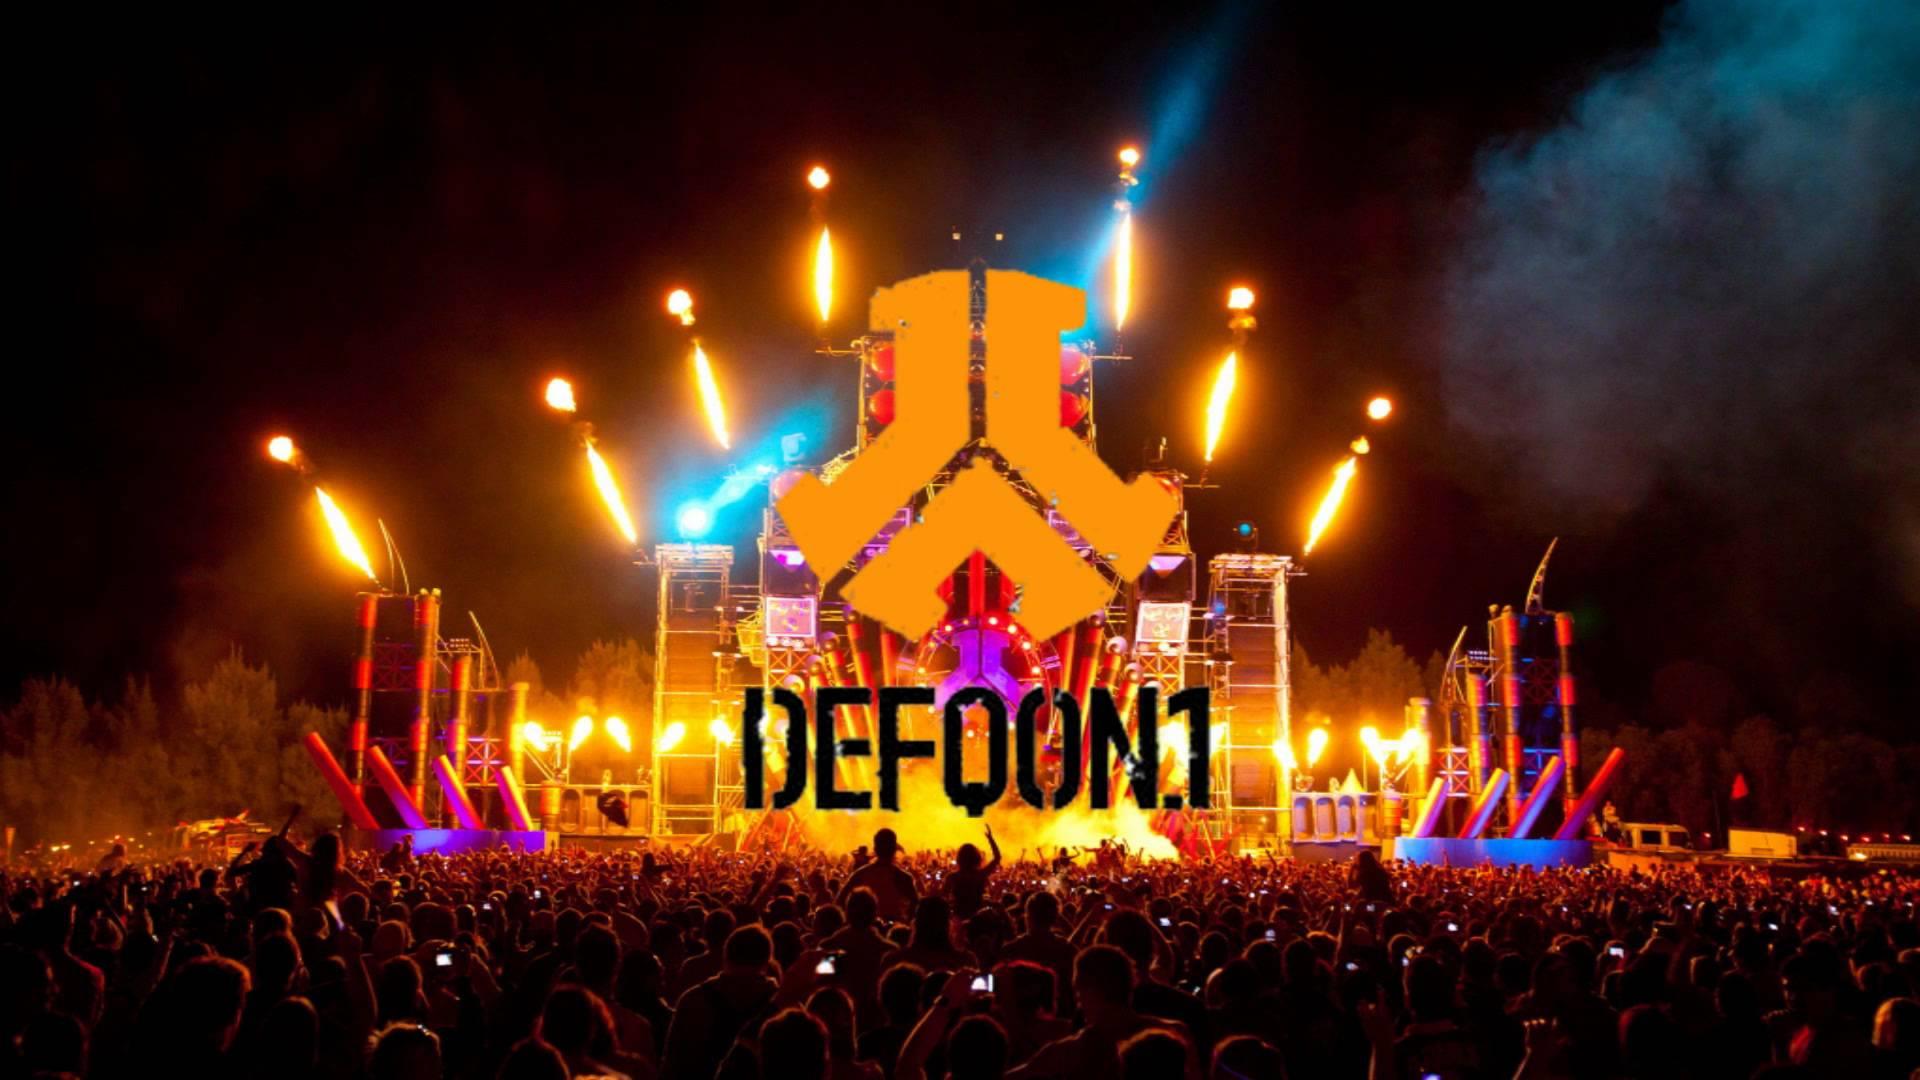 Defqon 1 Festival Wallpapers - Wallpaper Cave